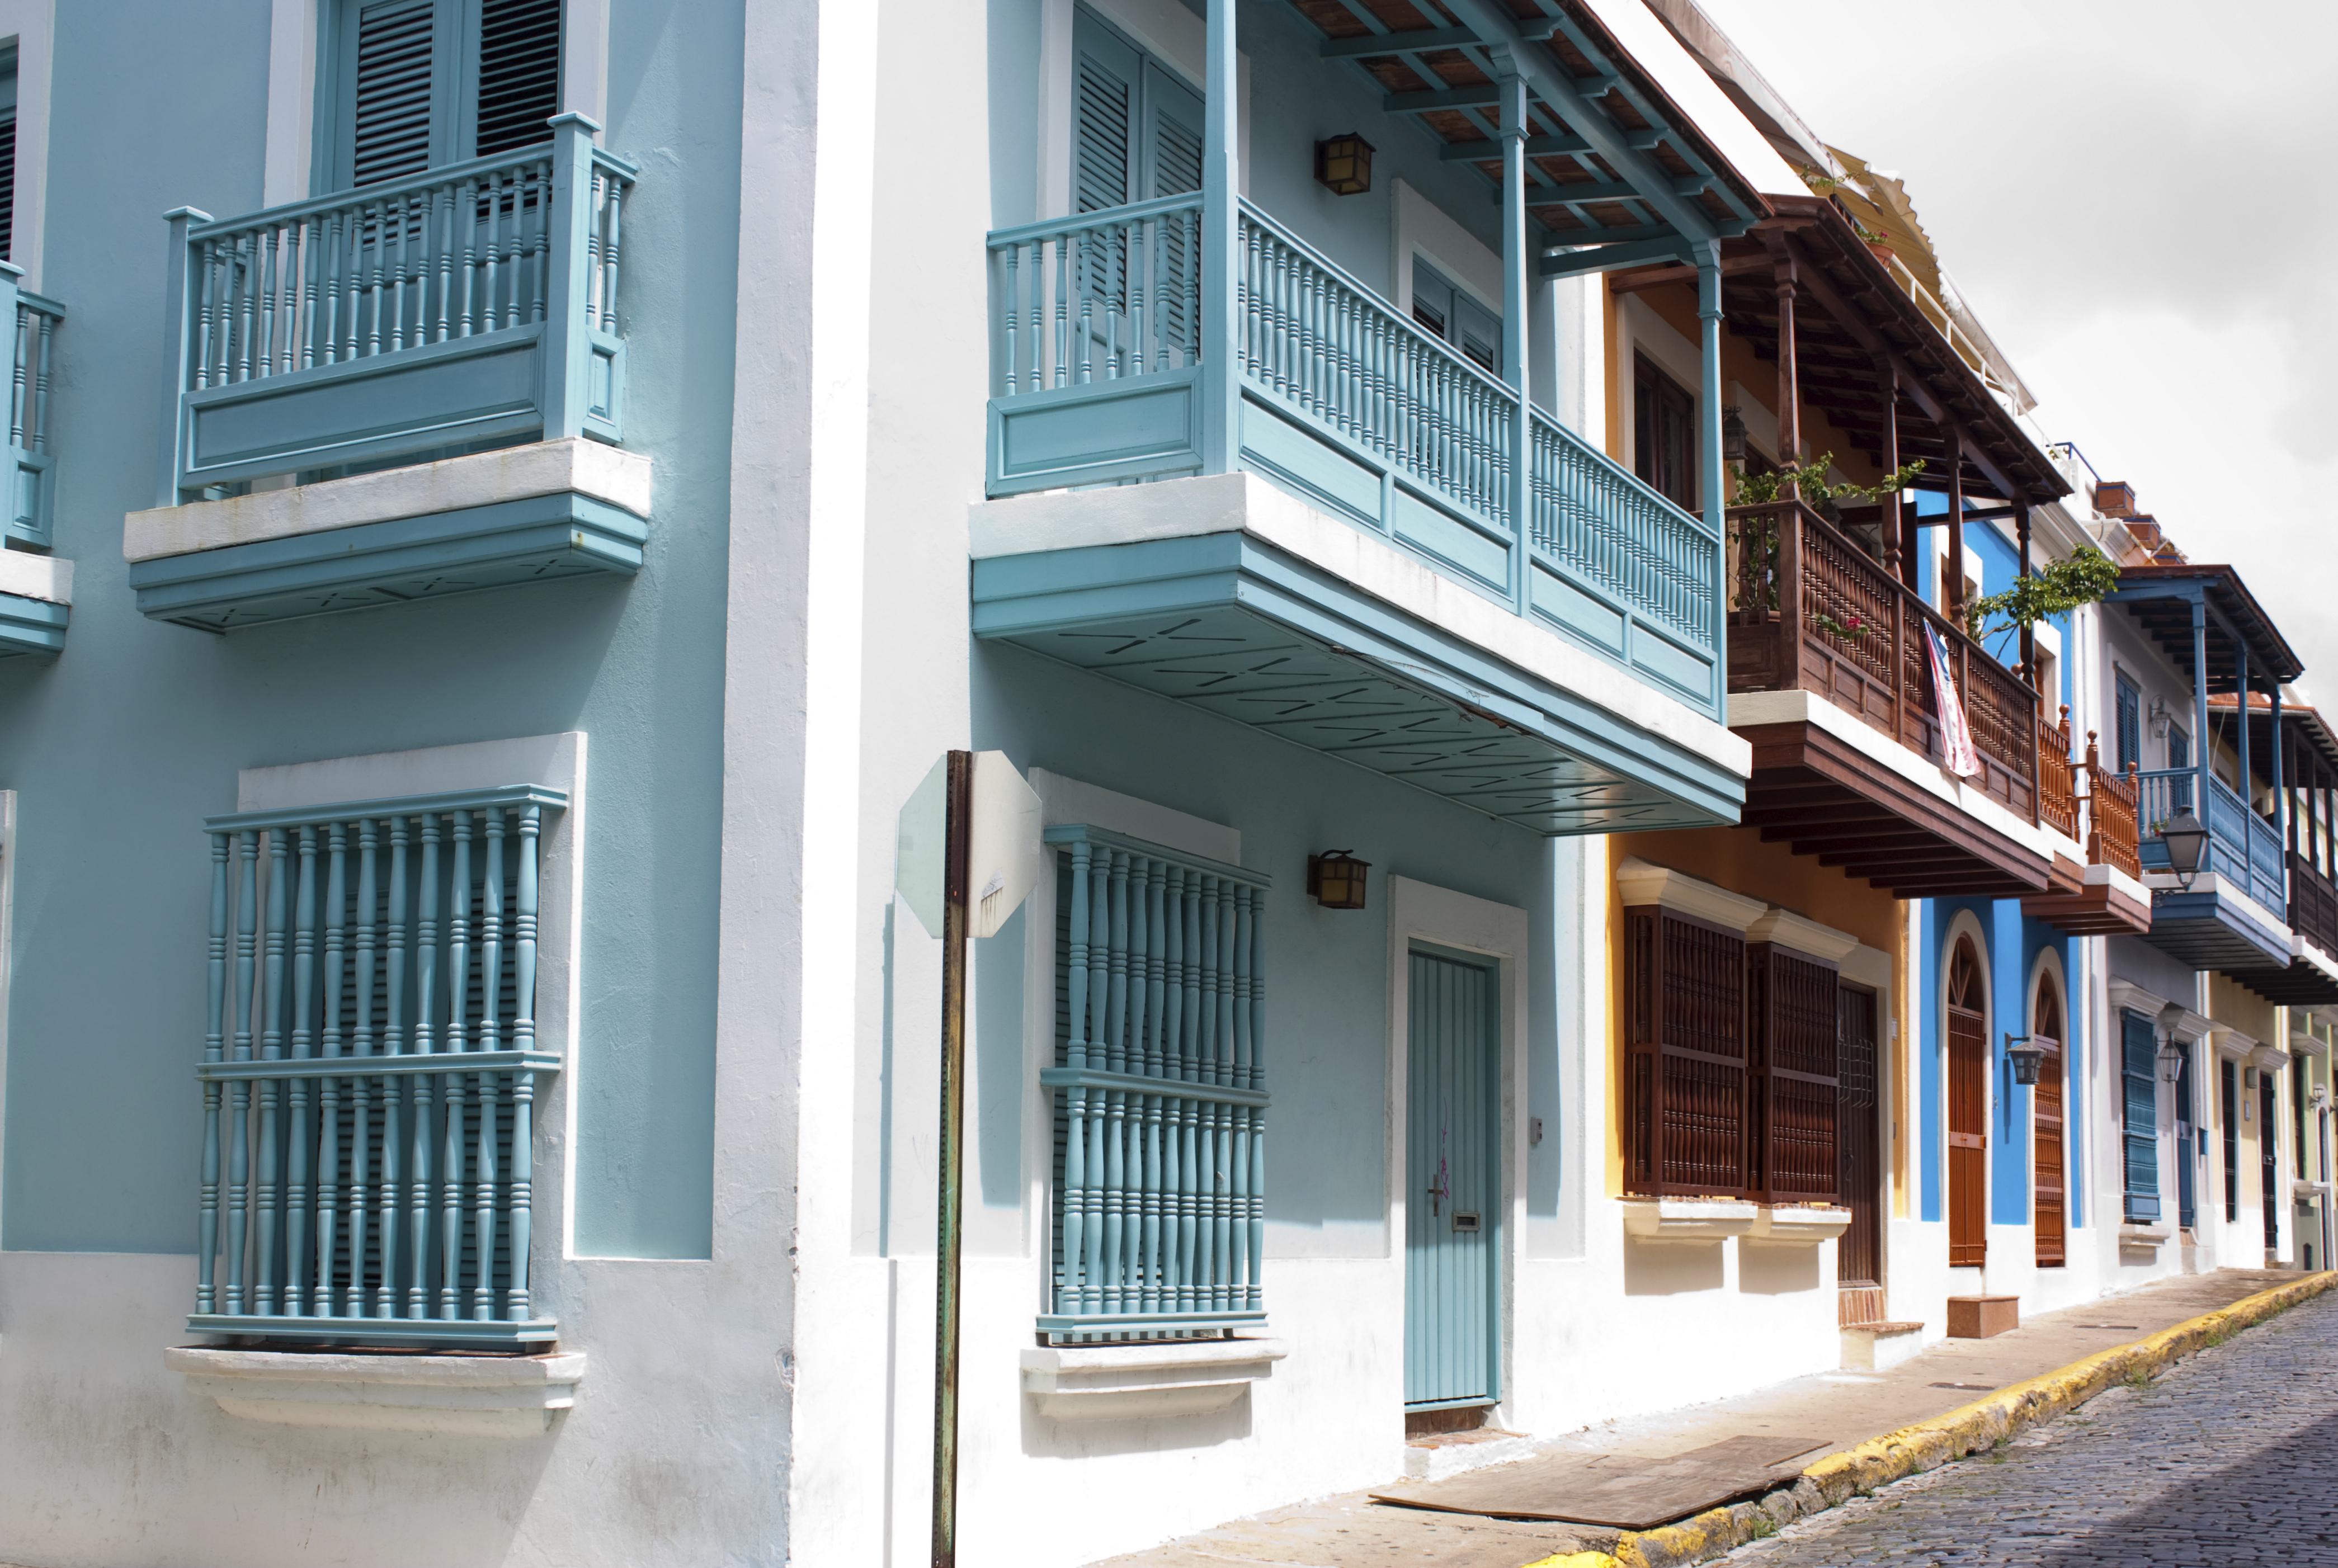 Buildings in Old San Juan, Puerto Rico